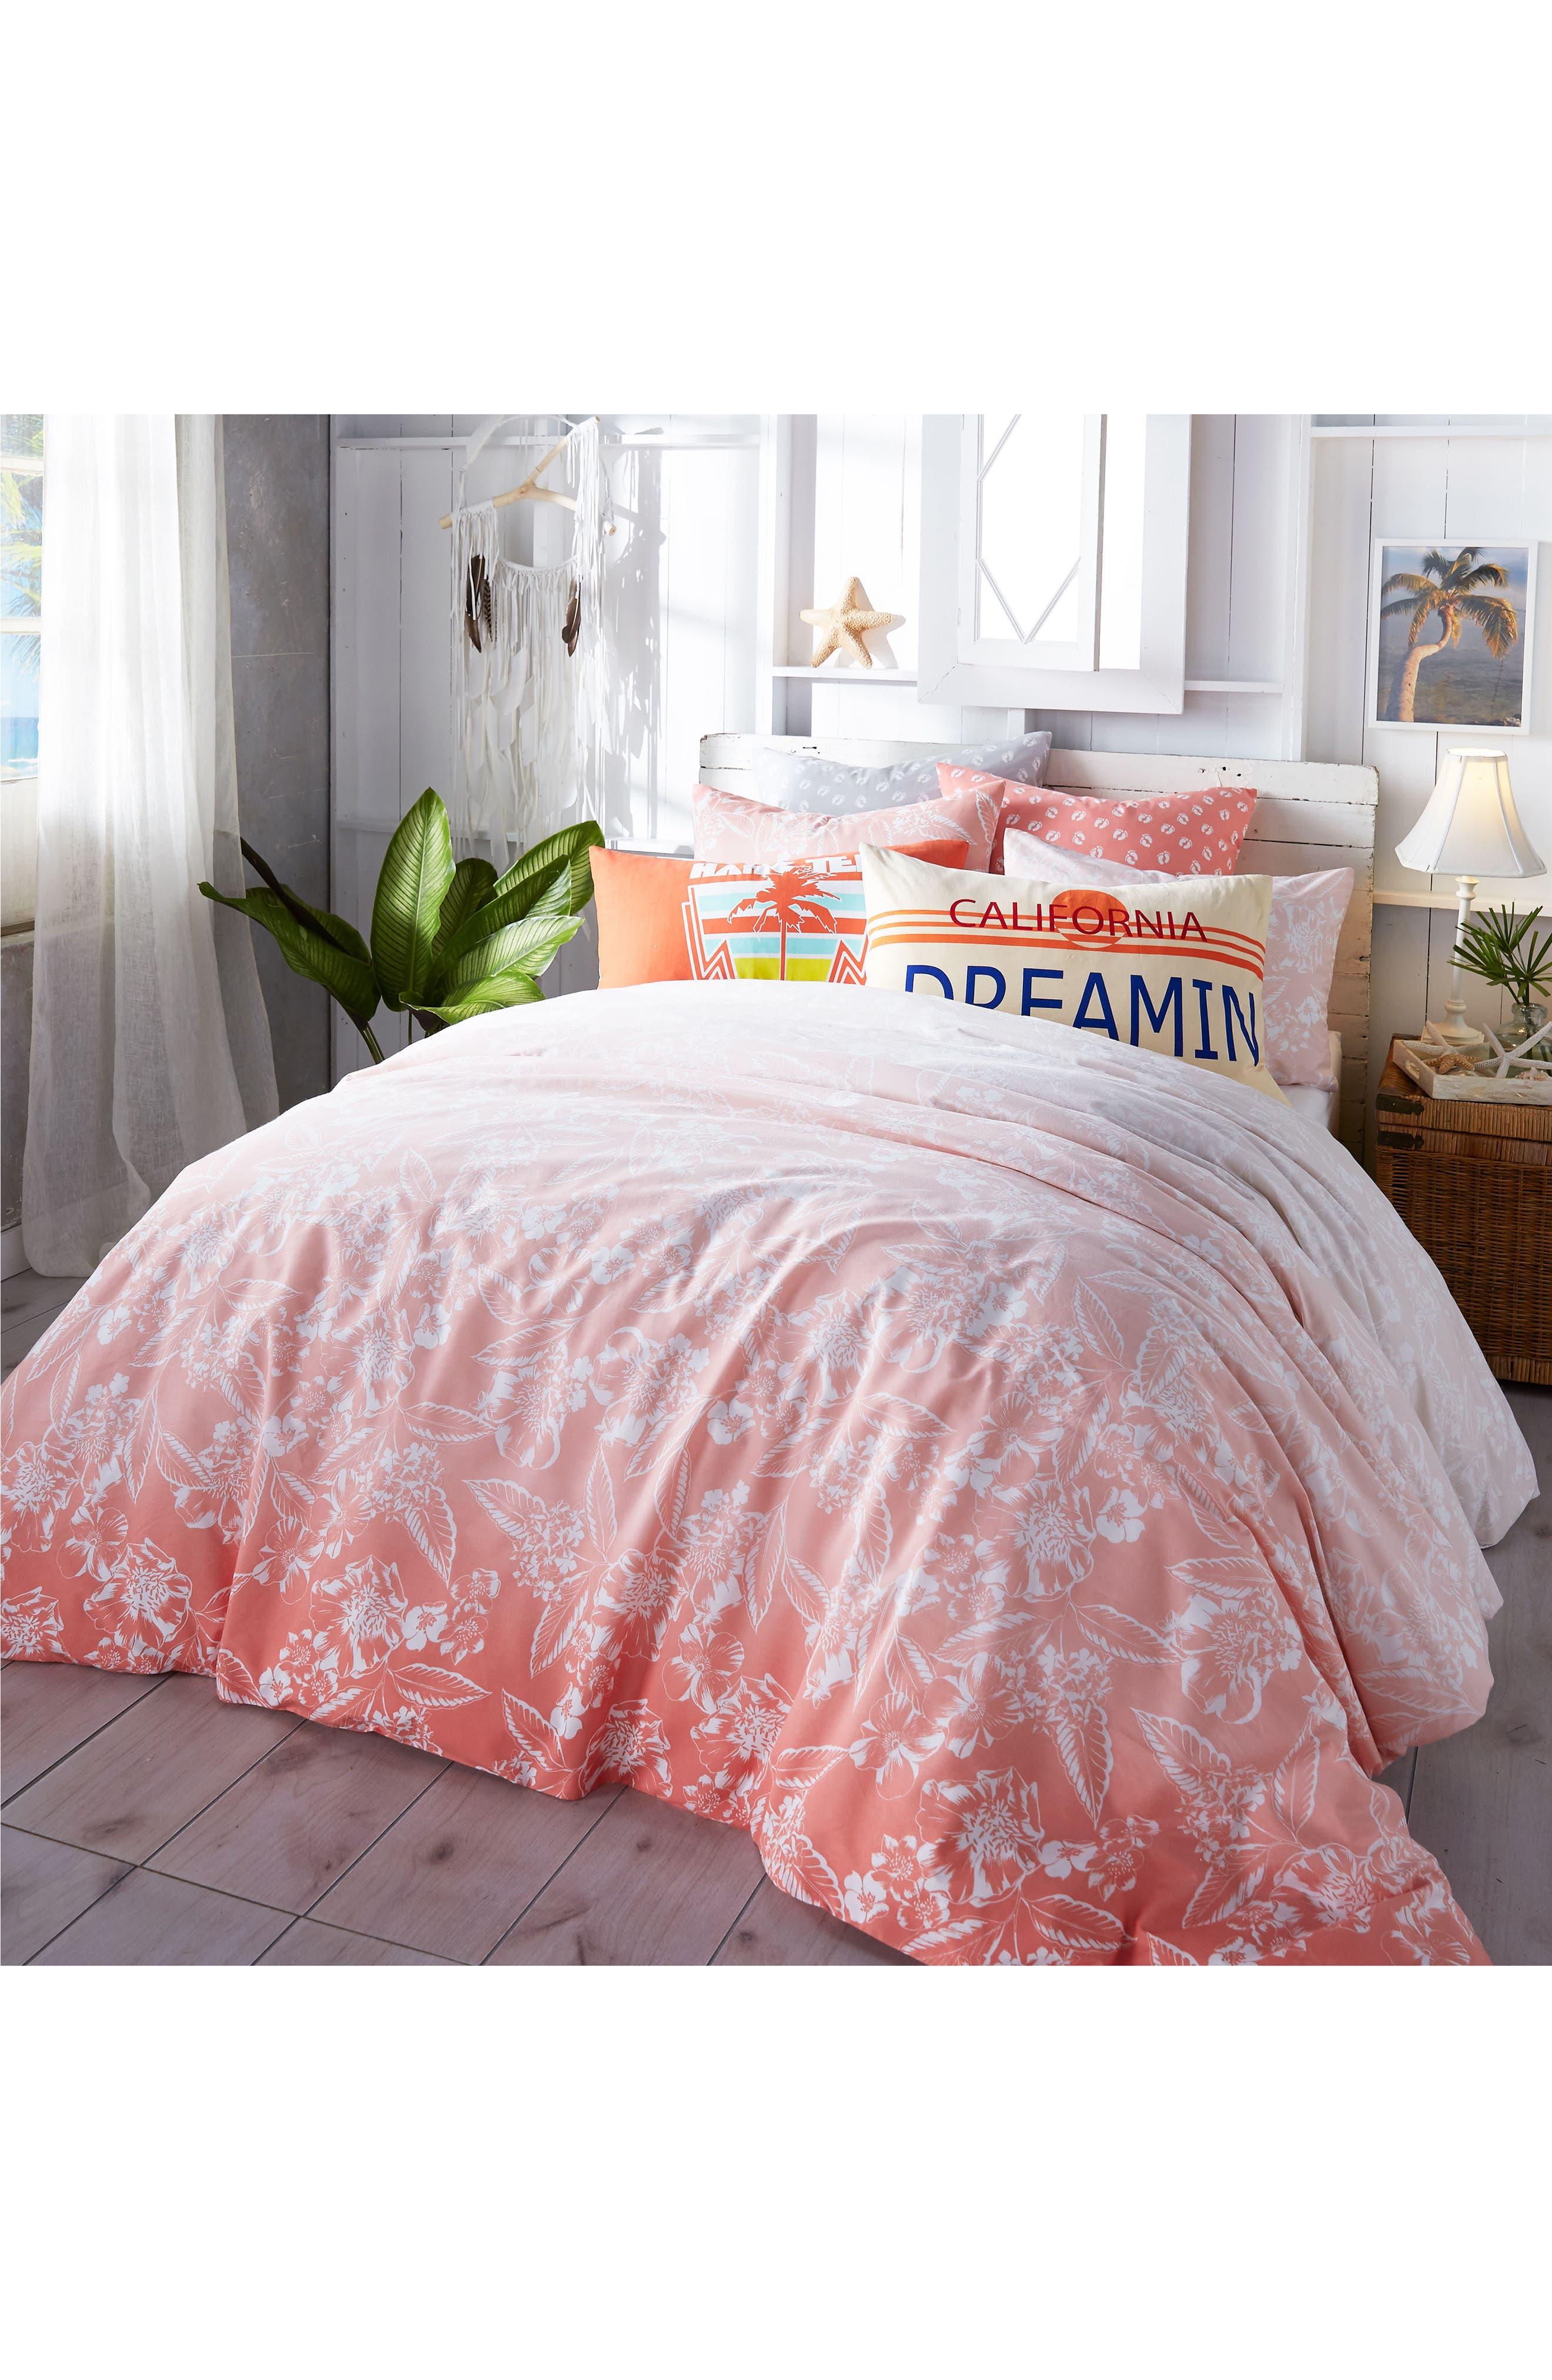 Ombré Hibiscus Duvet Cover & Sham Set,                             Main thumbnail 1, color,                             Coral